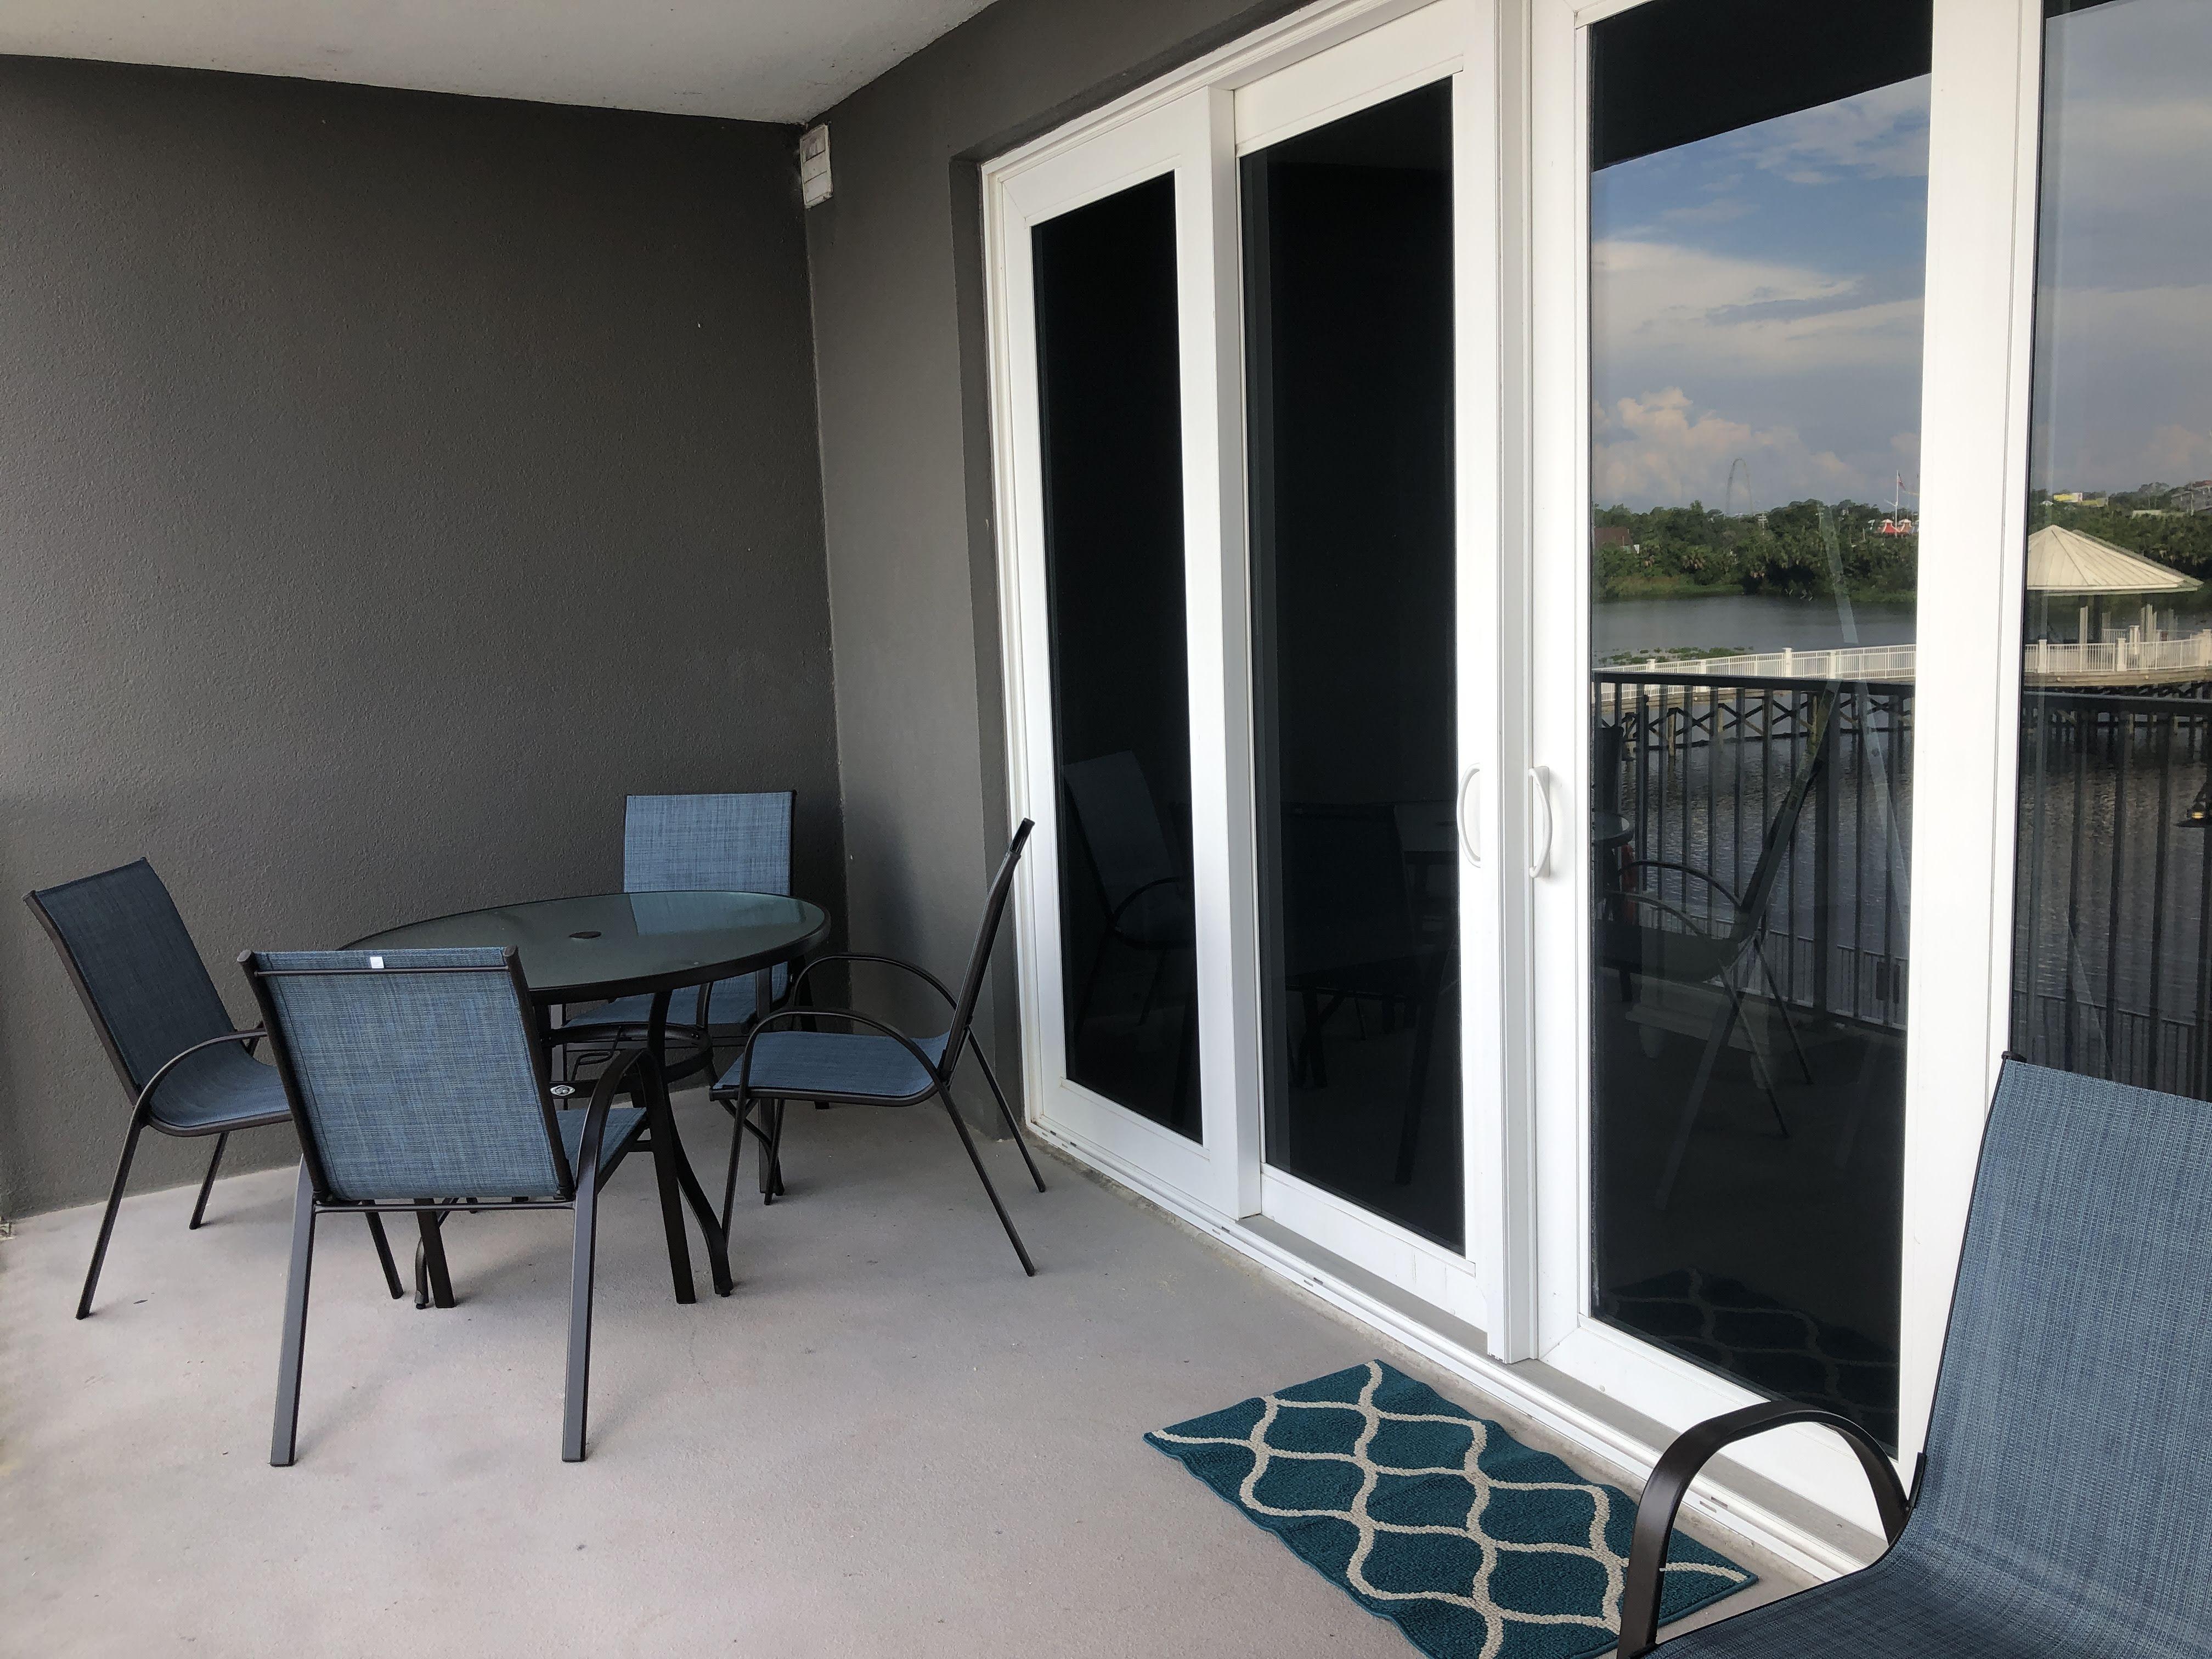 118 balcony